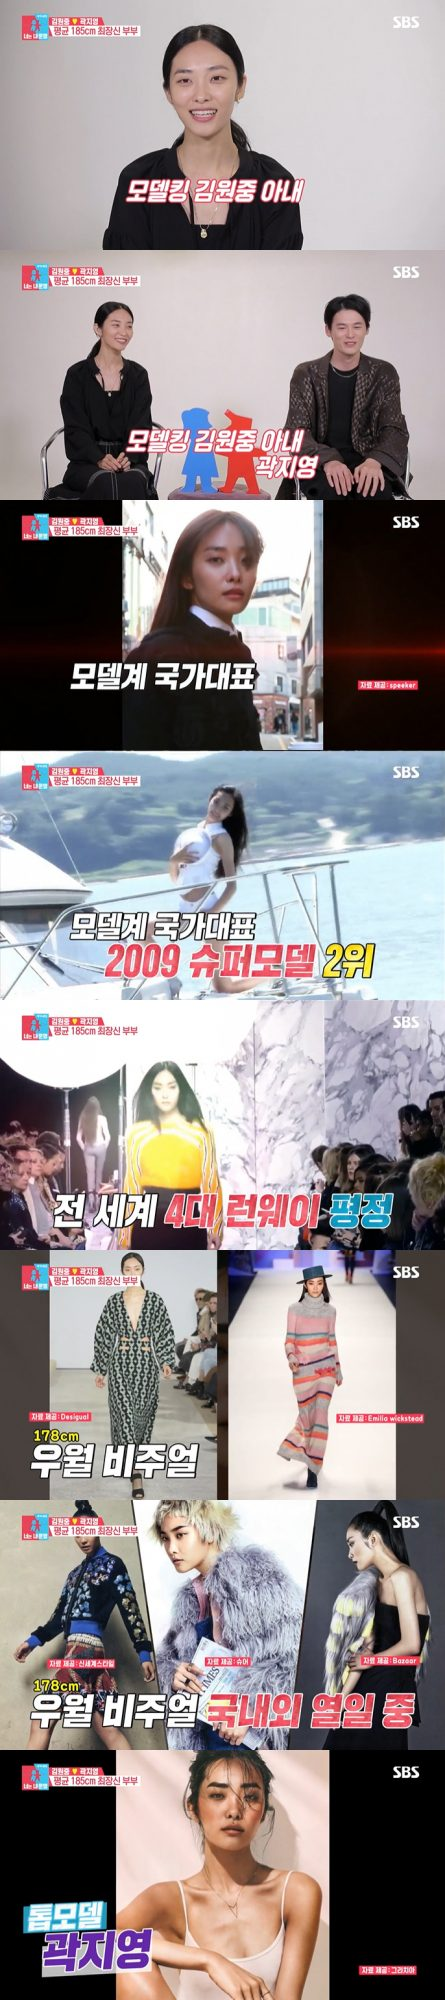 모델 곽지영. /사진=SBS '동상이몽2' 방송 캡처